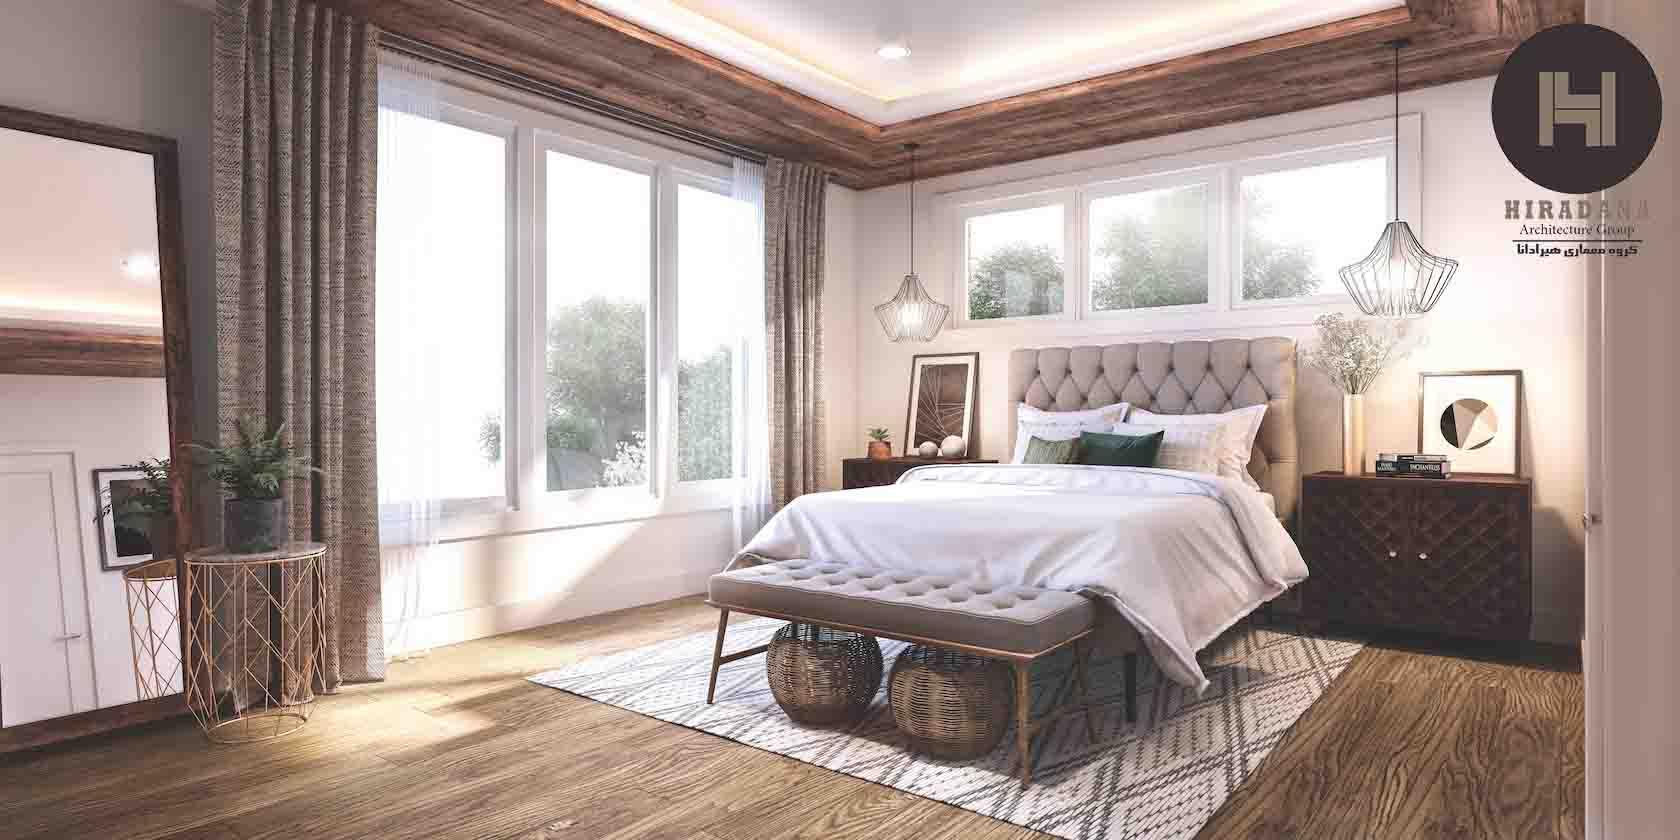 طراحی داخلی اتاق خواب با اصول هفت گانه فنگ شویی